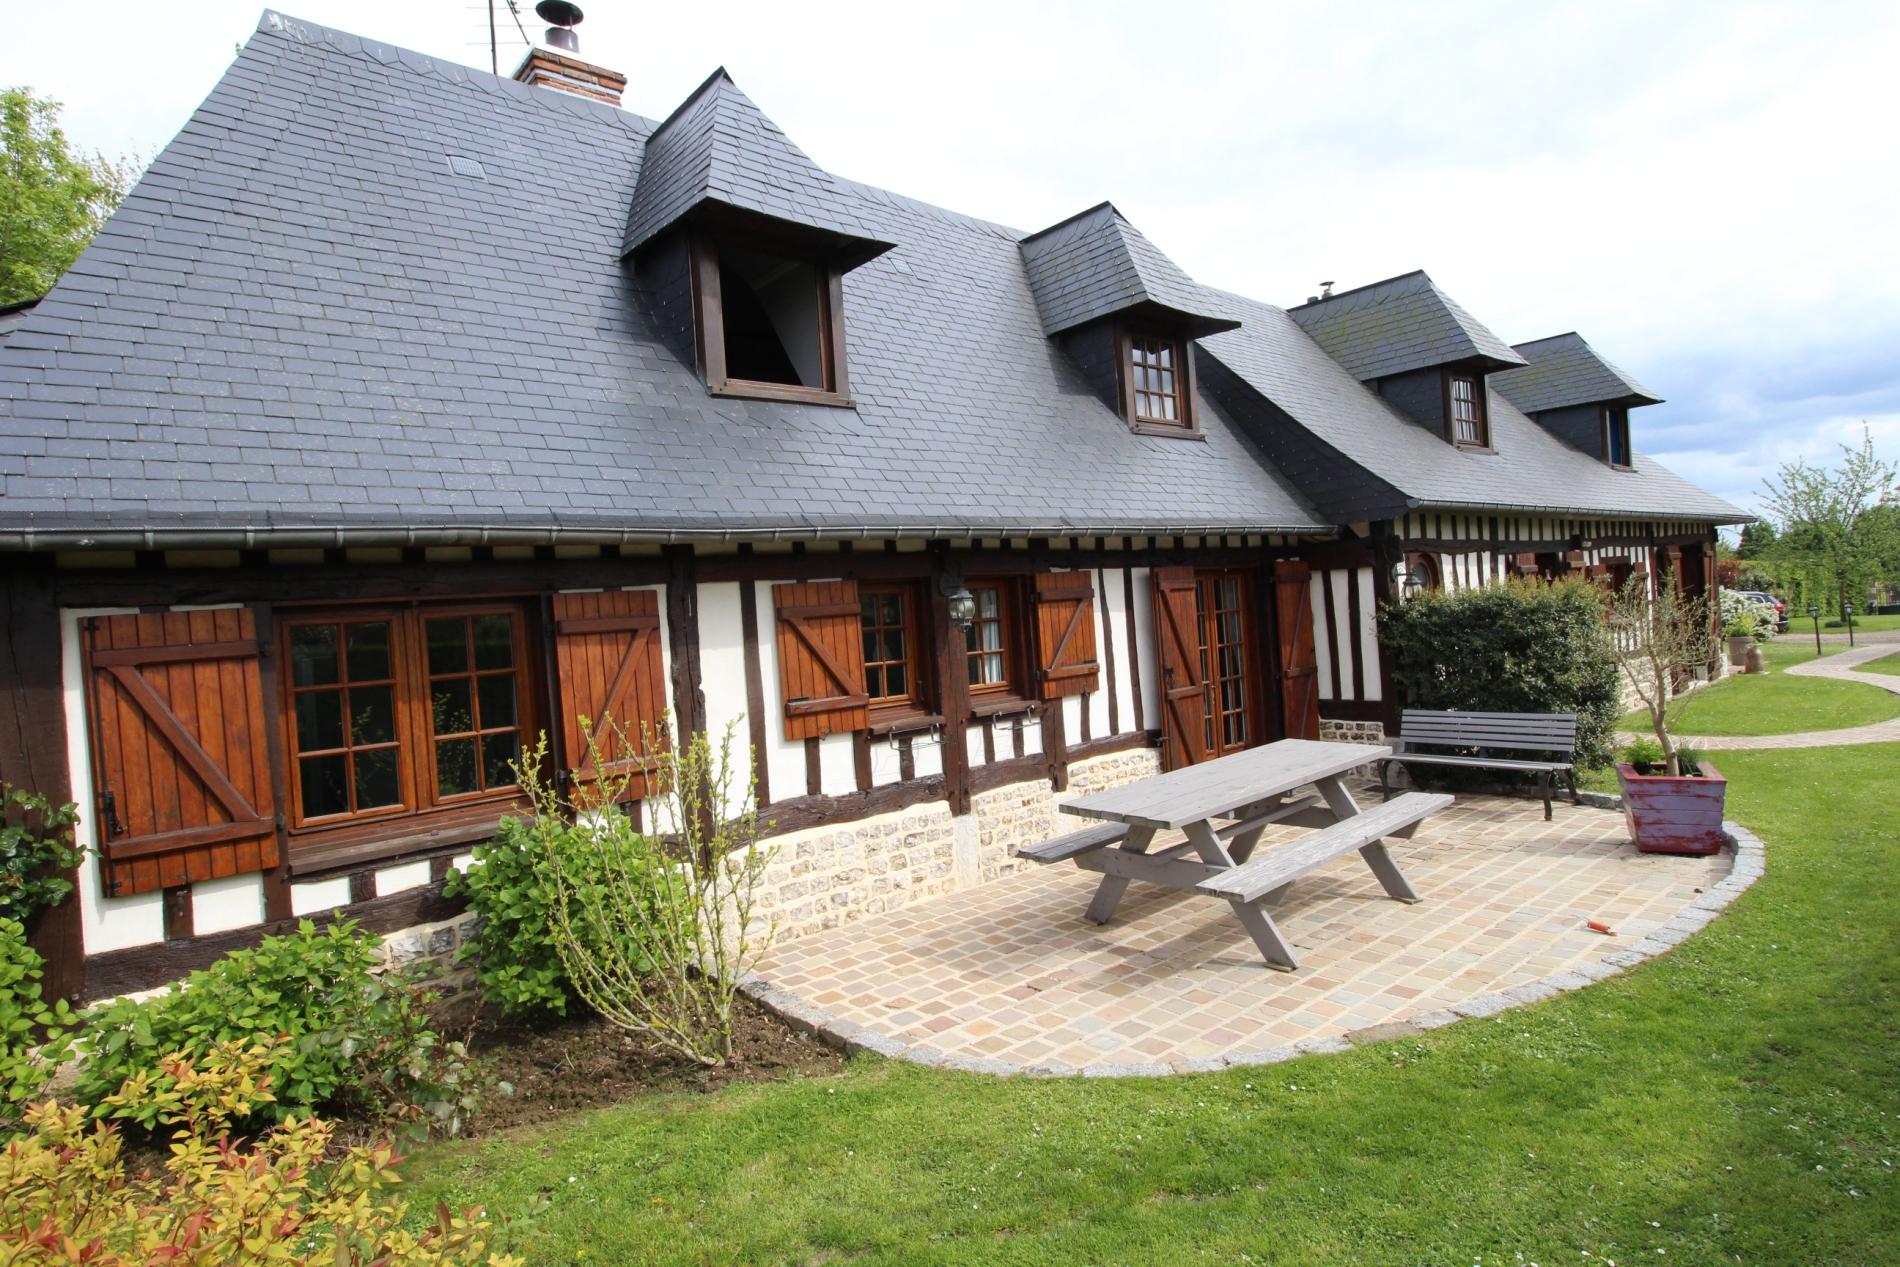 Acheter vente maison normande en tr s bon tat axe for Acheter logement